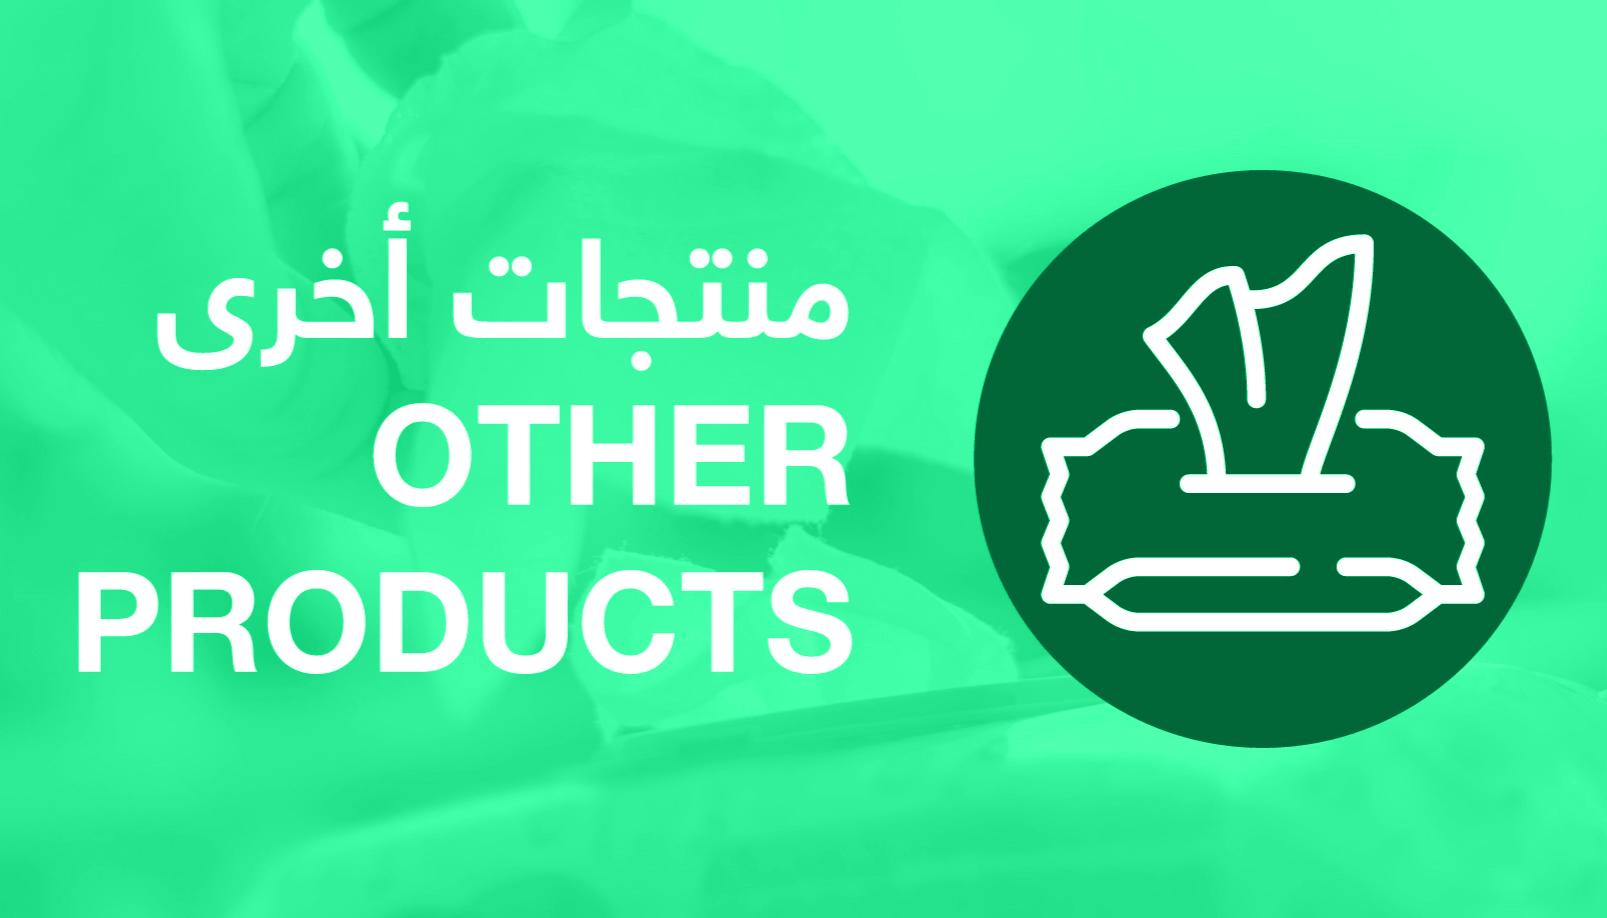 منتجات اخرى